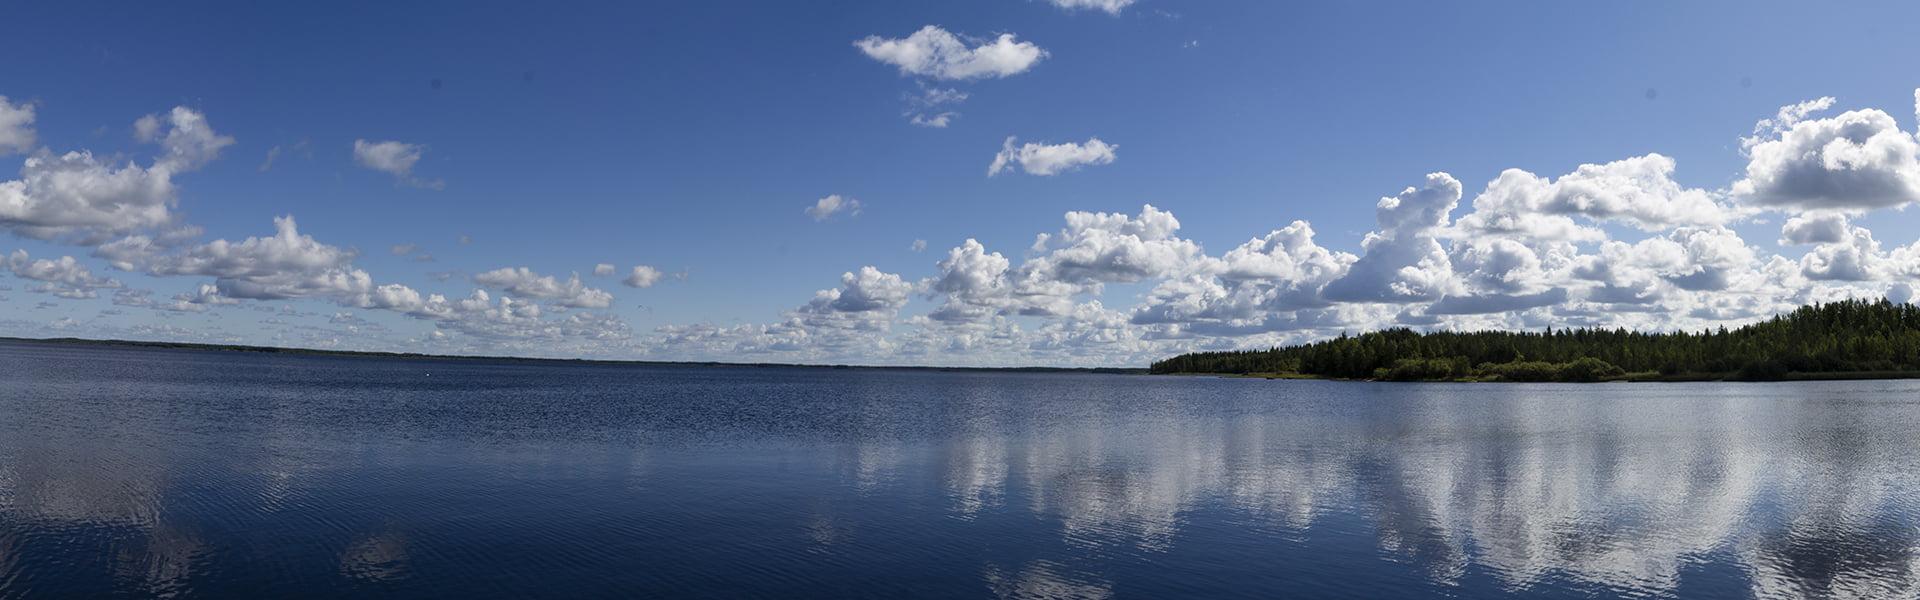 Landschaft in Finnland